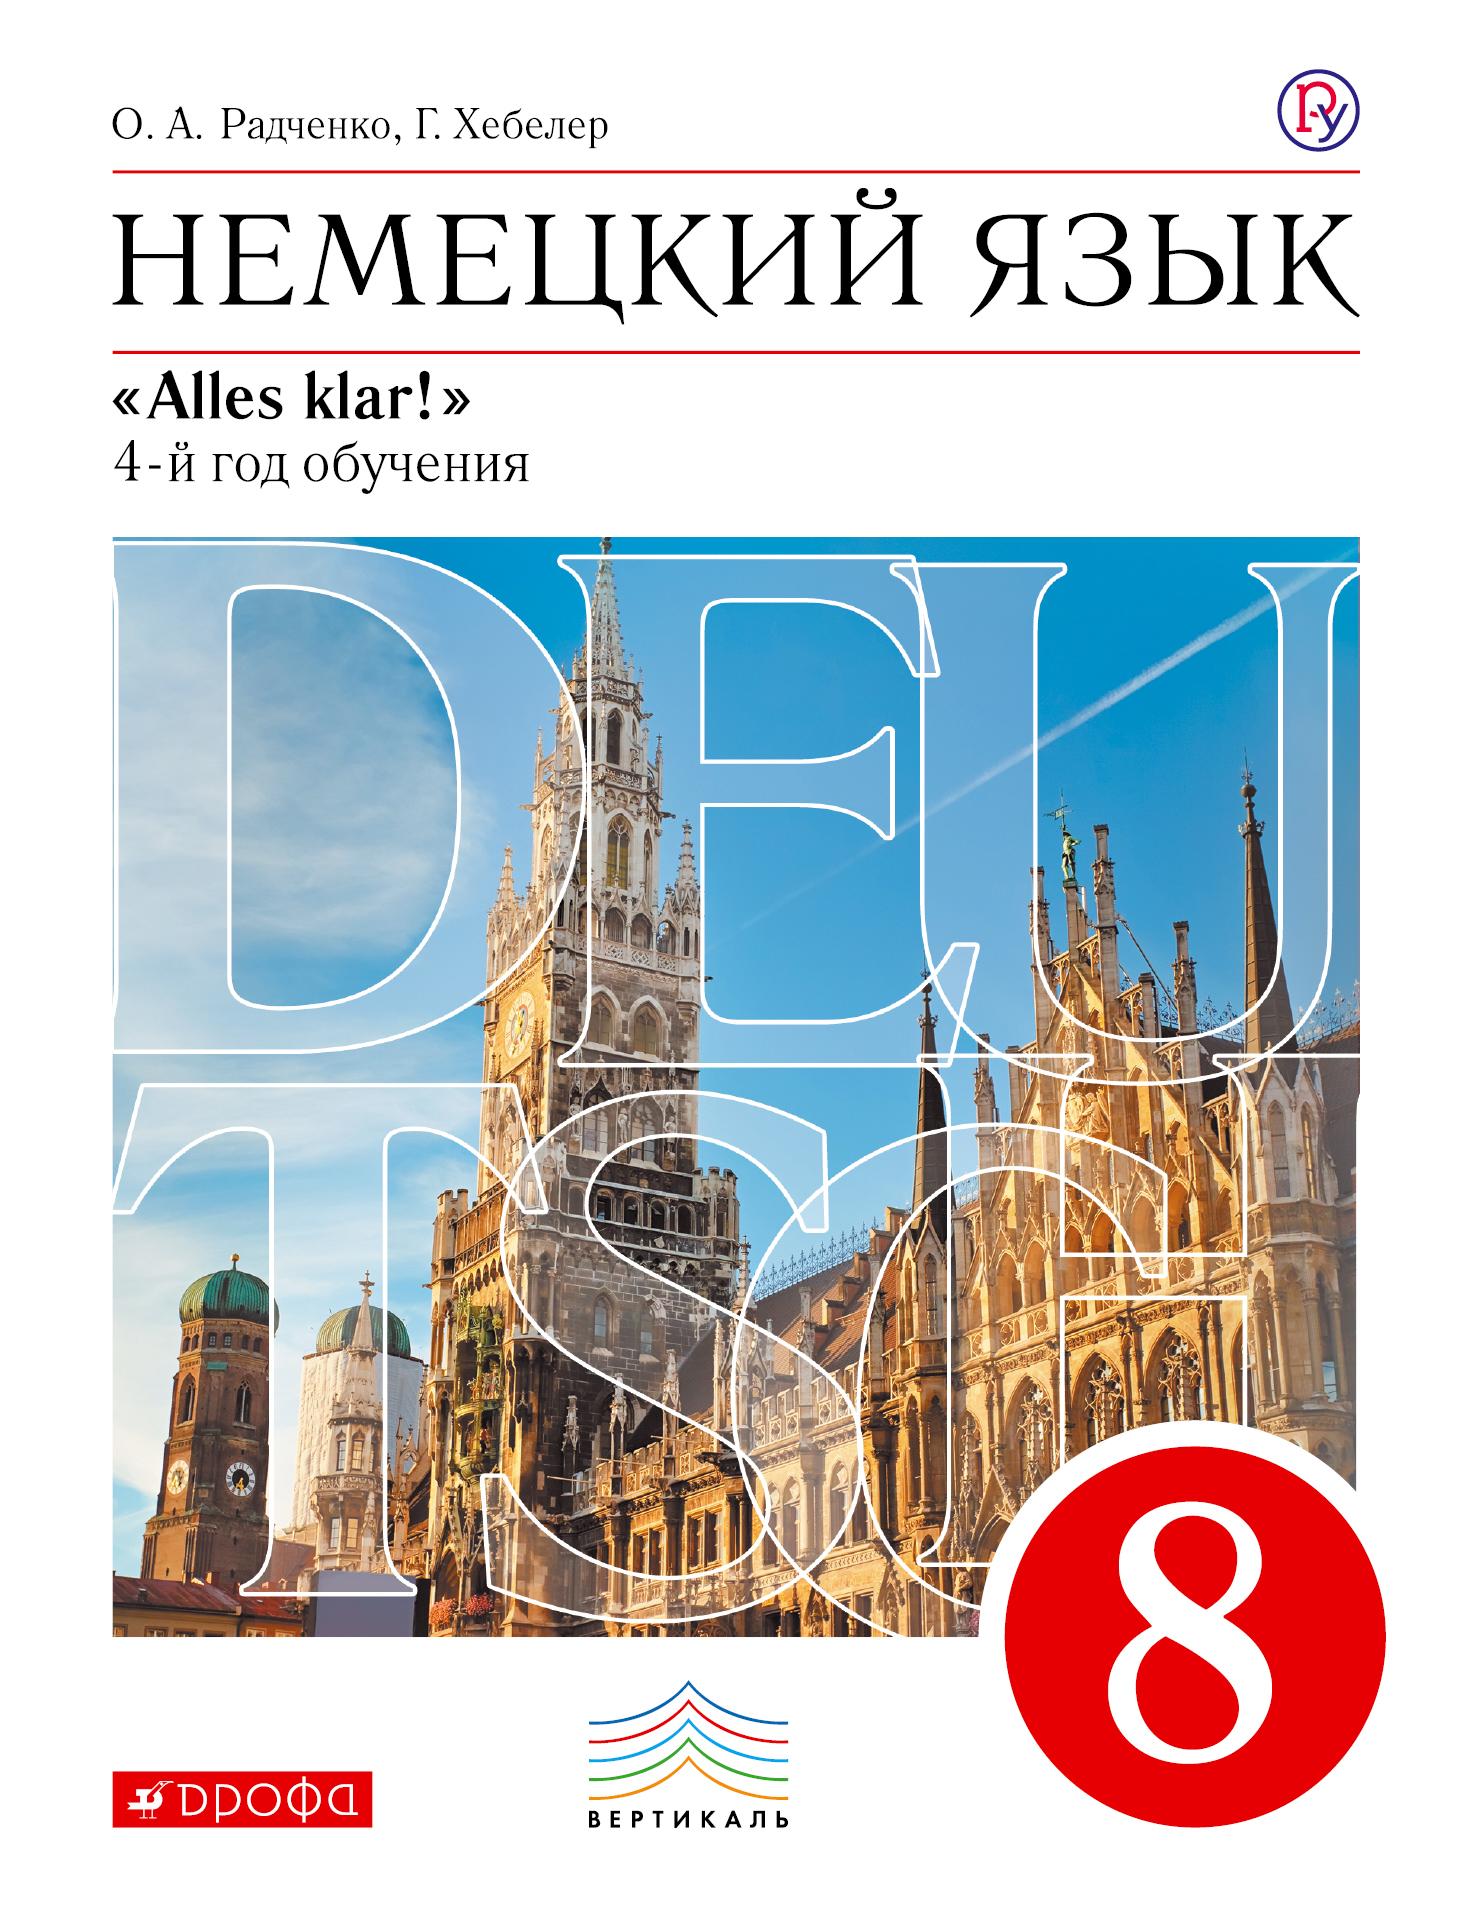 Немецкий язык как второй иностранный. 8 класс. Учебник